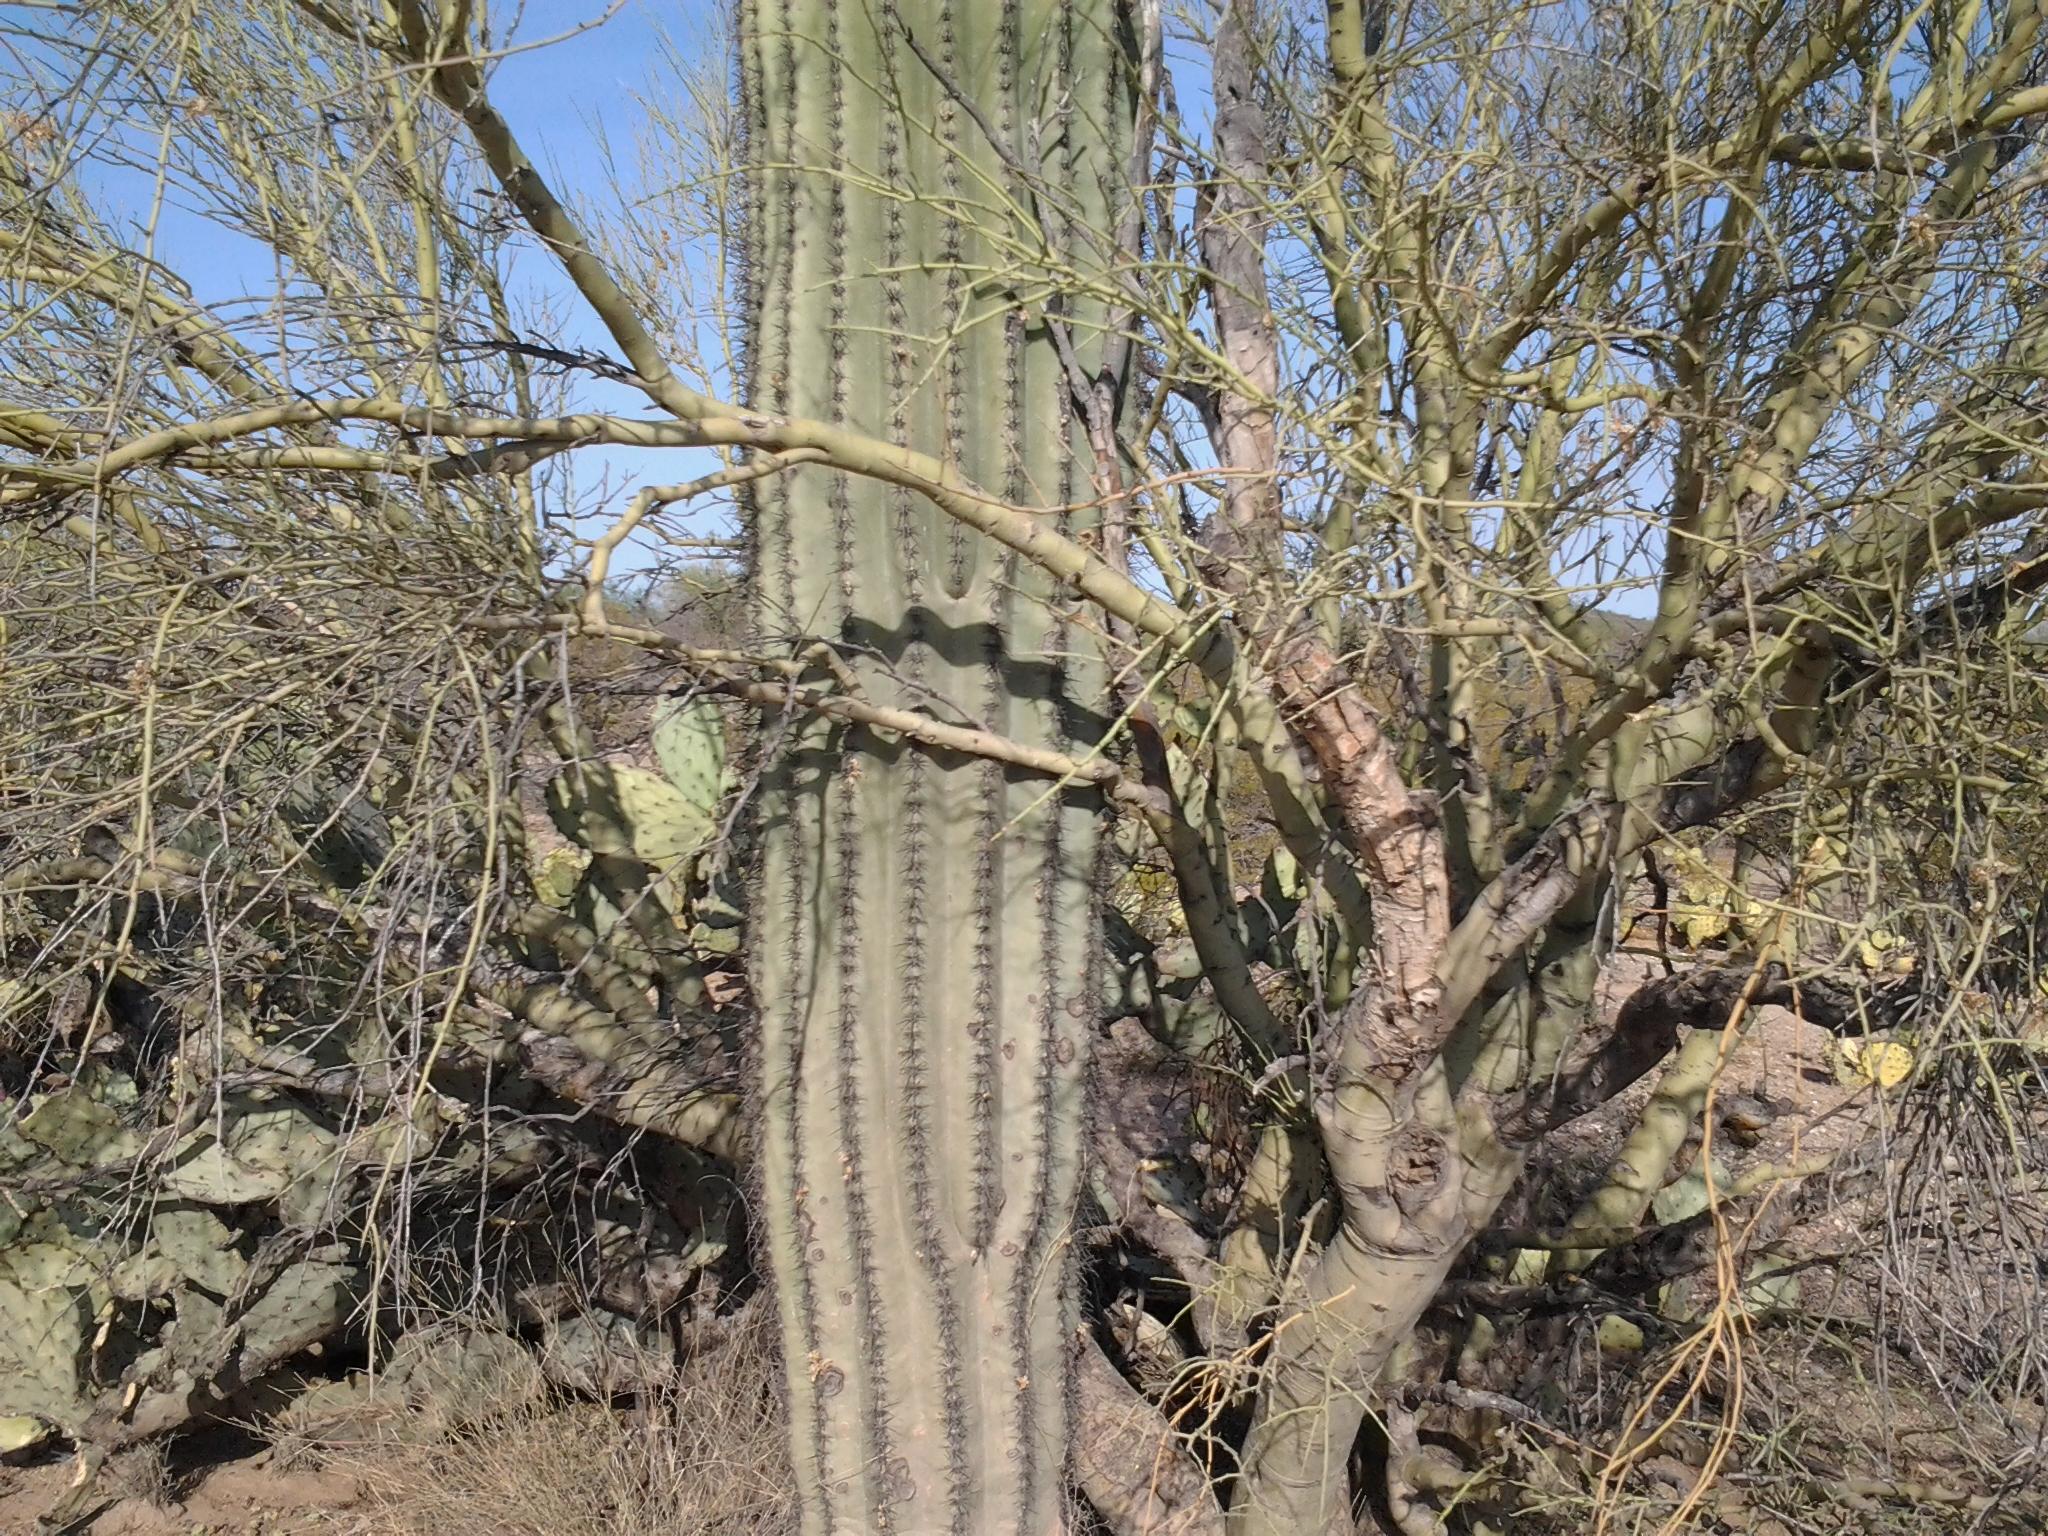 how to eat saguaro cactus fruit